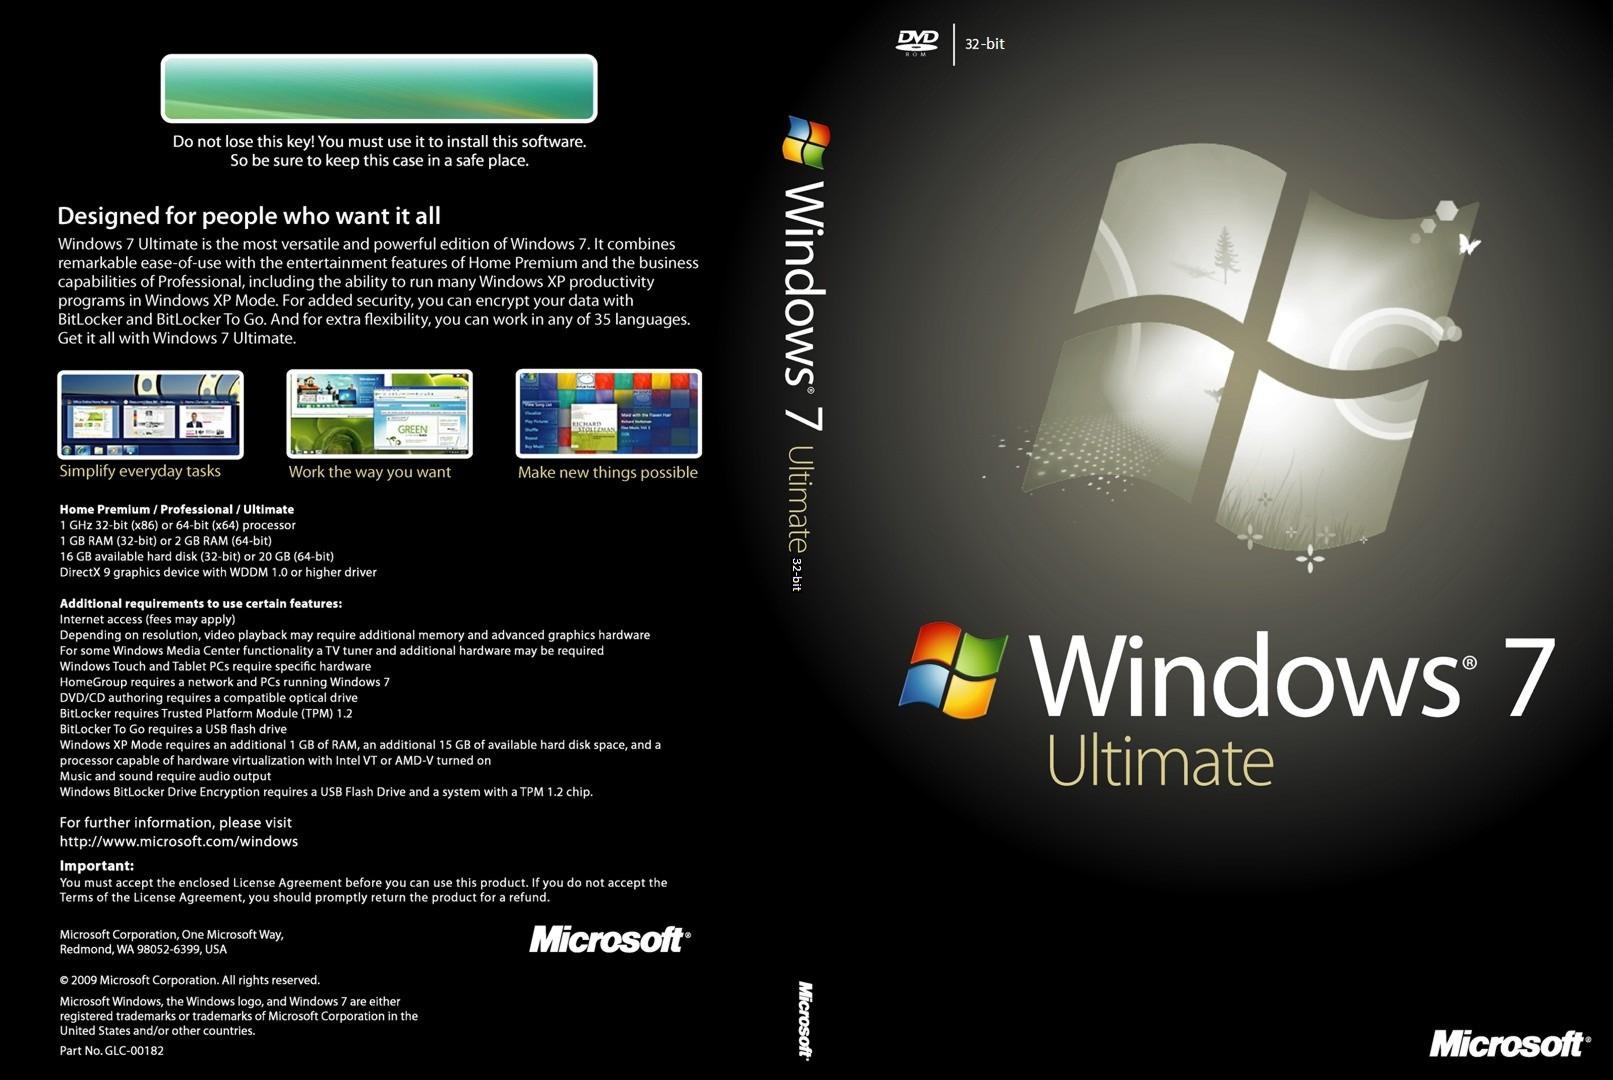 Оригинальные образы Windows 7 Максимальная x86/x64 с обновлениями по